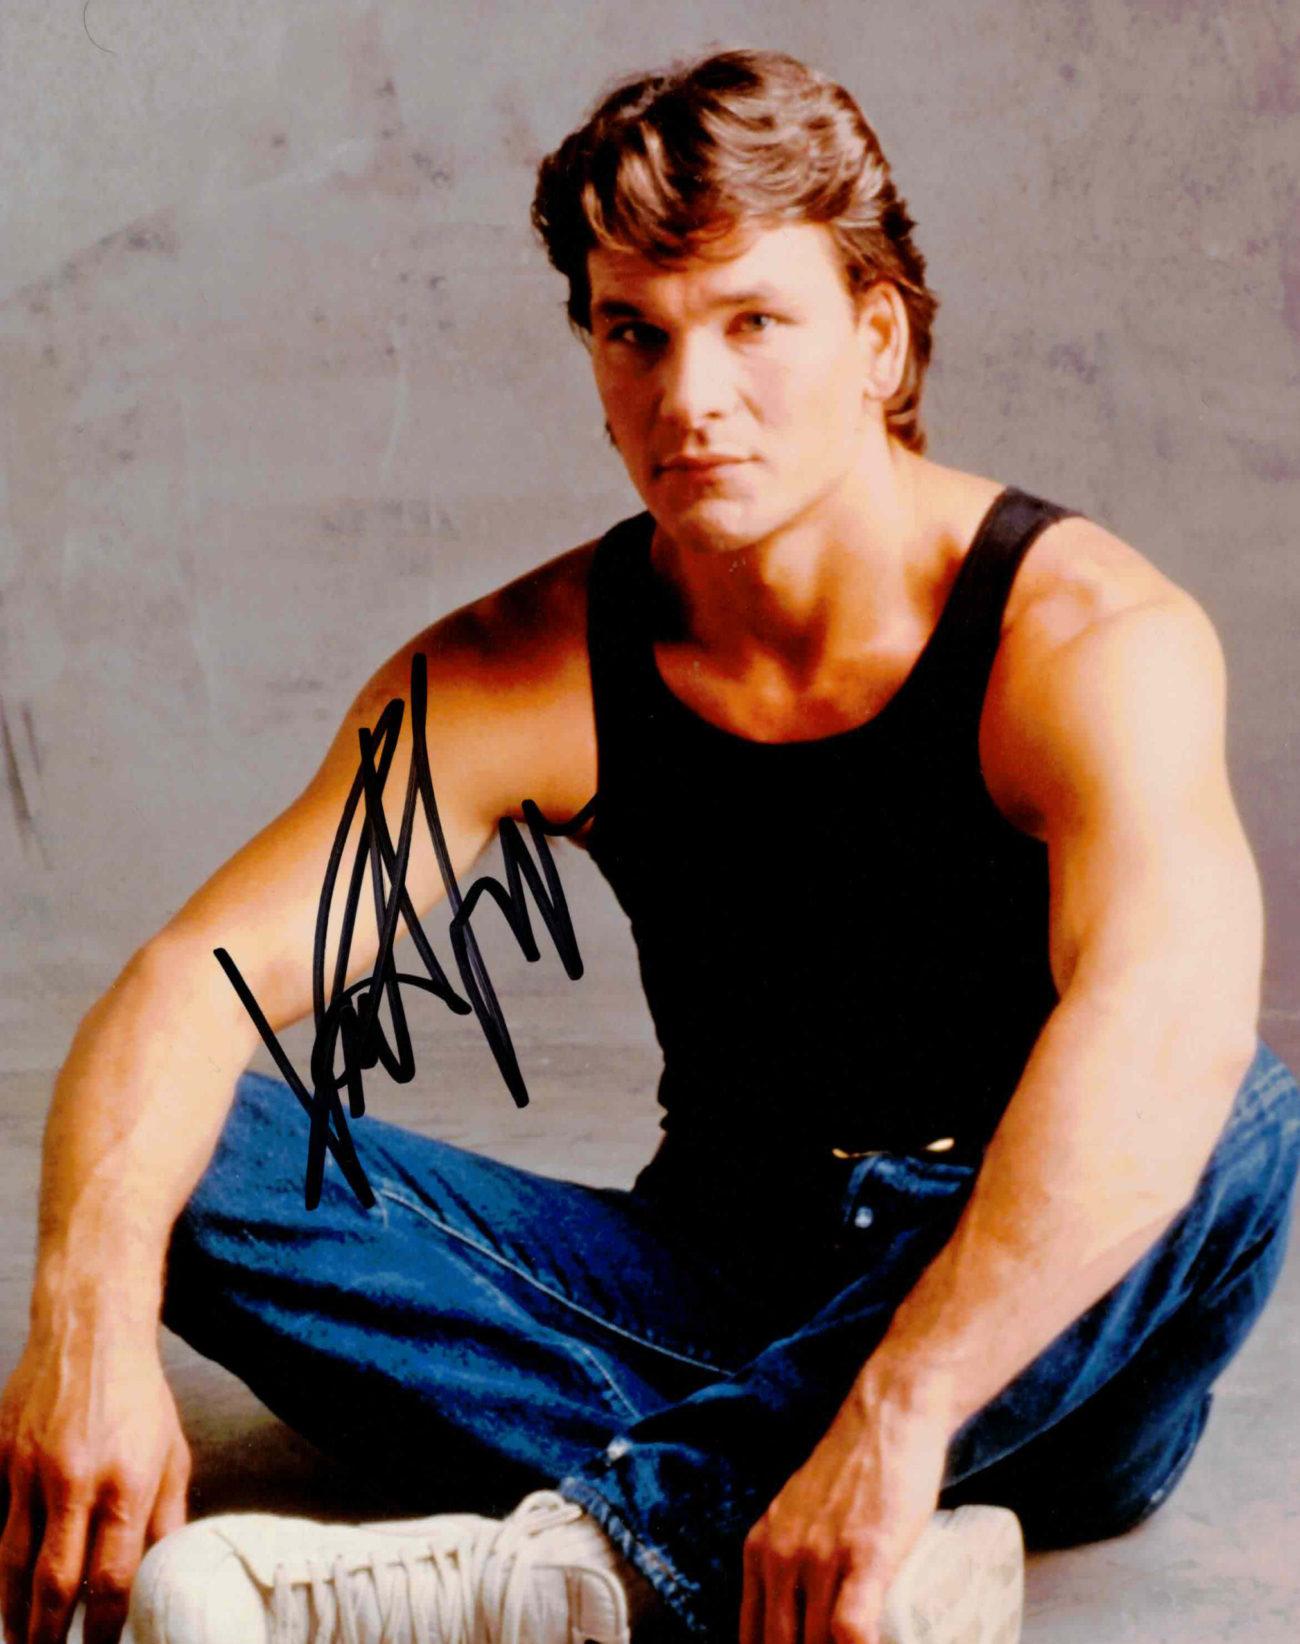 Patrick Swayze - autogram